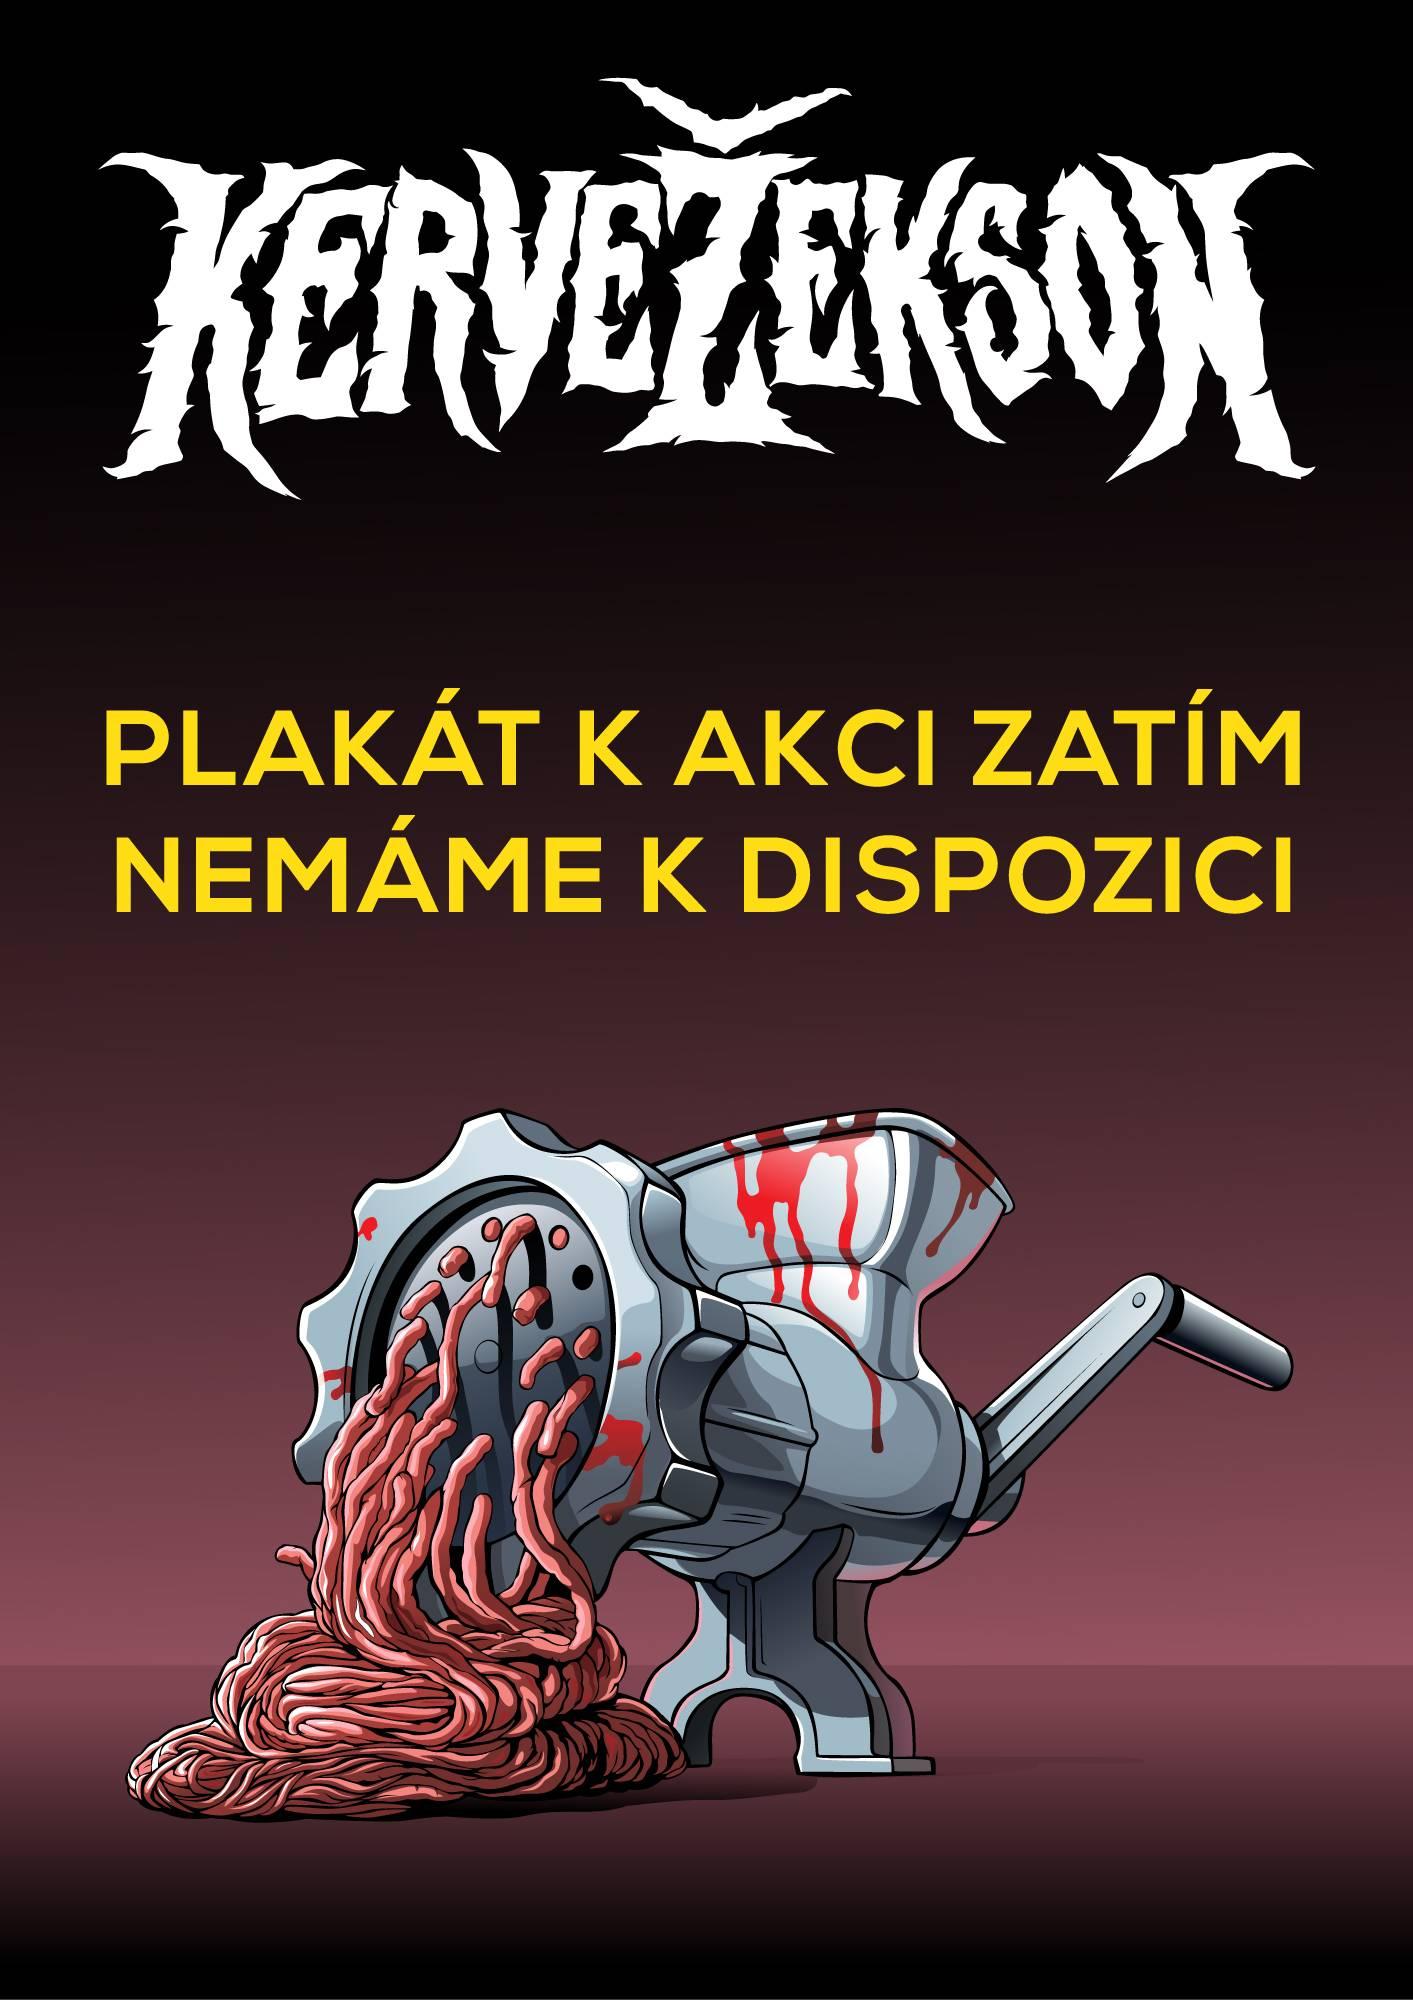 Plakát k akci zatím nemáme k dispozici - Kervežekson (crossover kapela z Prostějova)